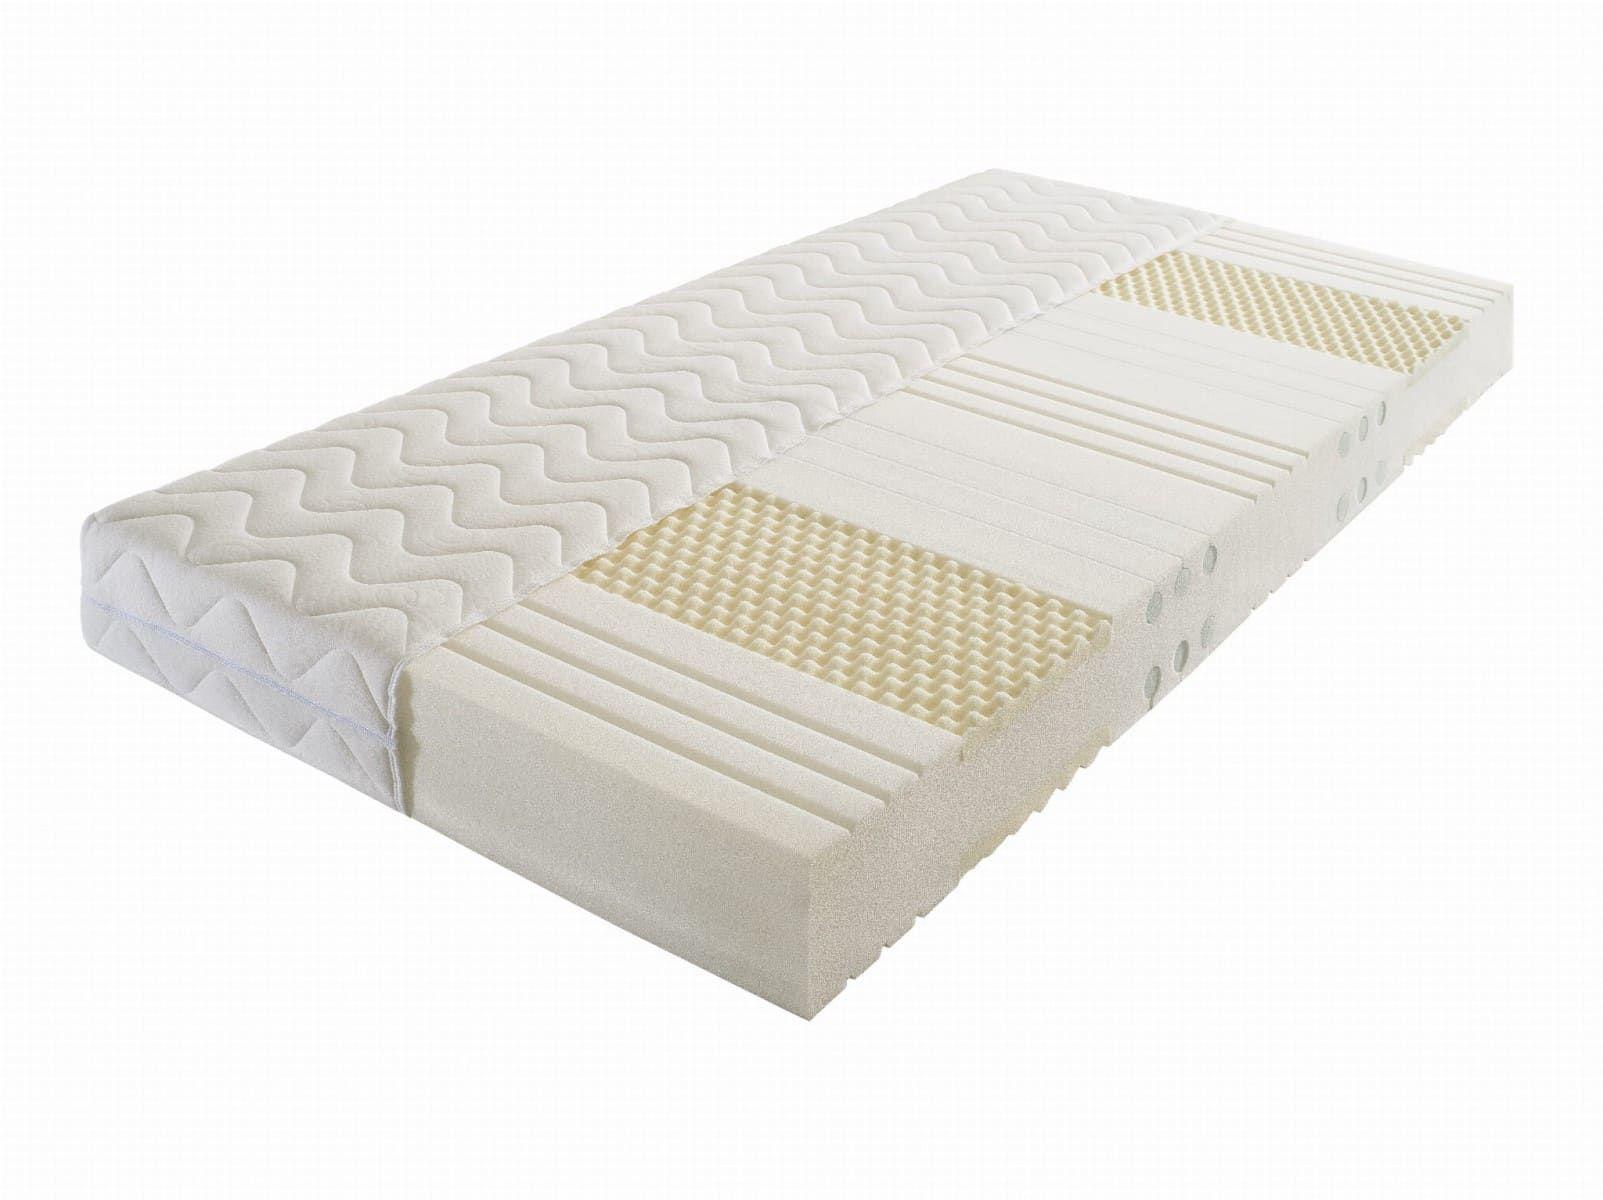 Materac piankowy MALAGA 120x190